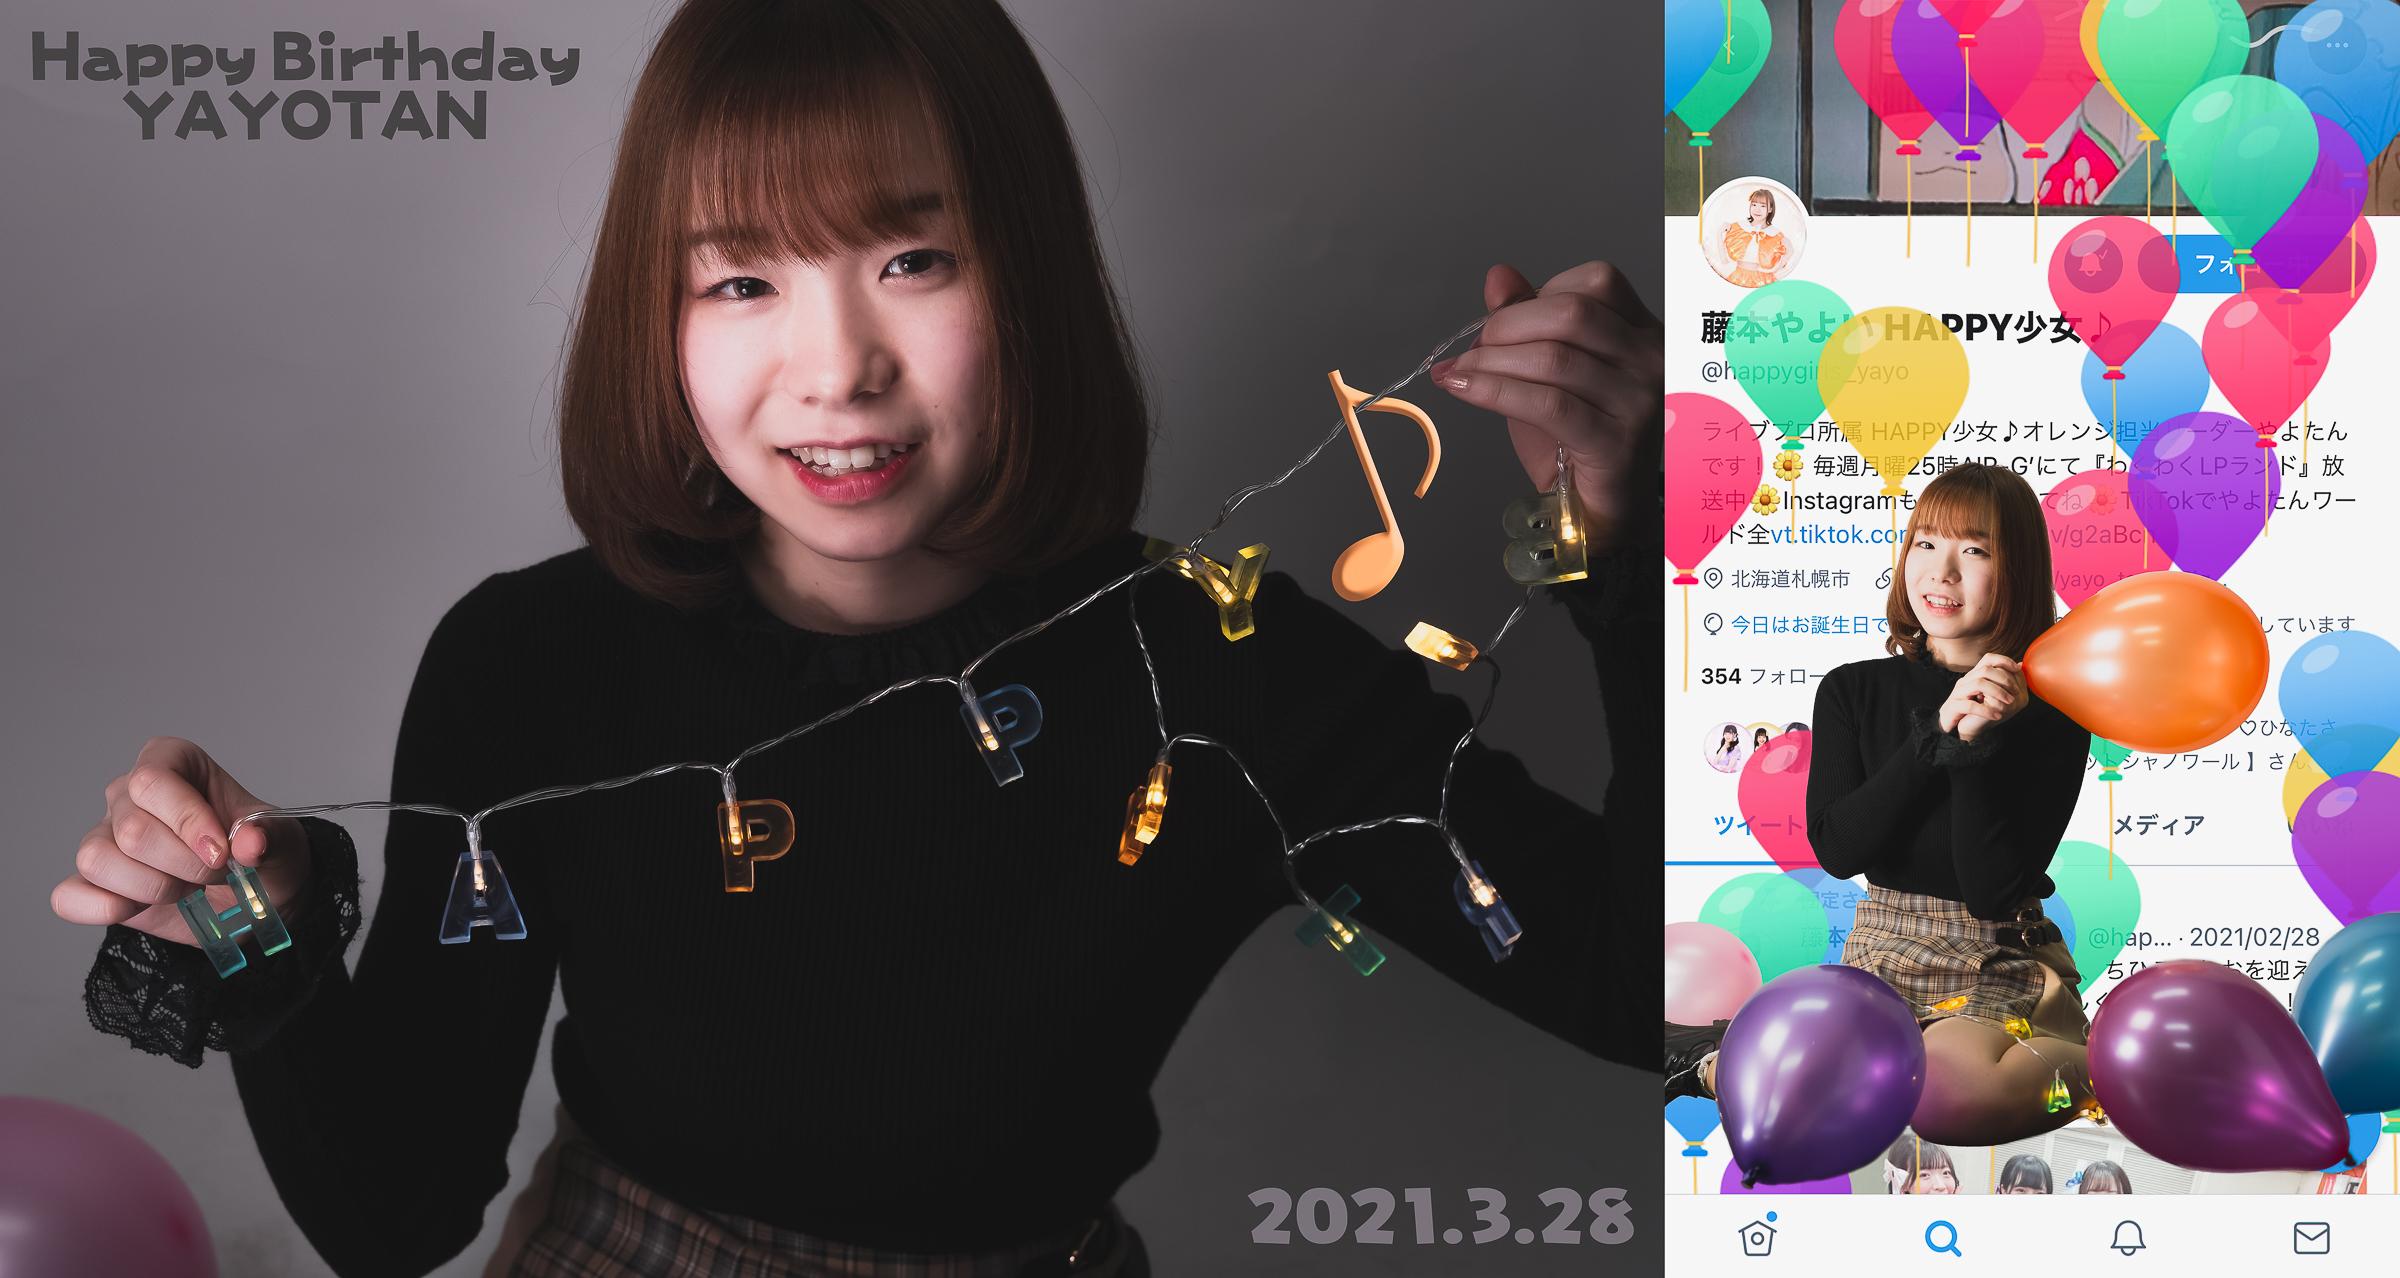 HAPPY少女♪ やよたん ( 藤本やよい ) | SMP 札幌モデルプロ 撮影会 in 大通公園